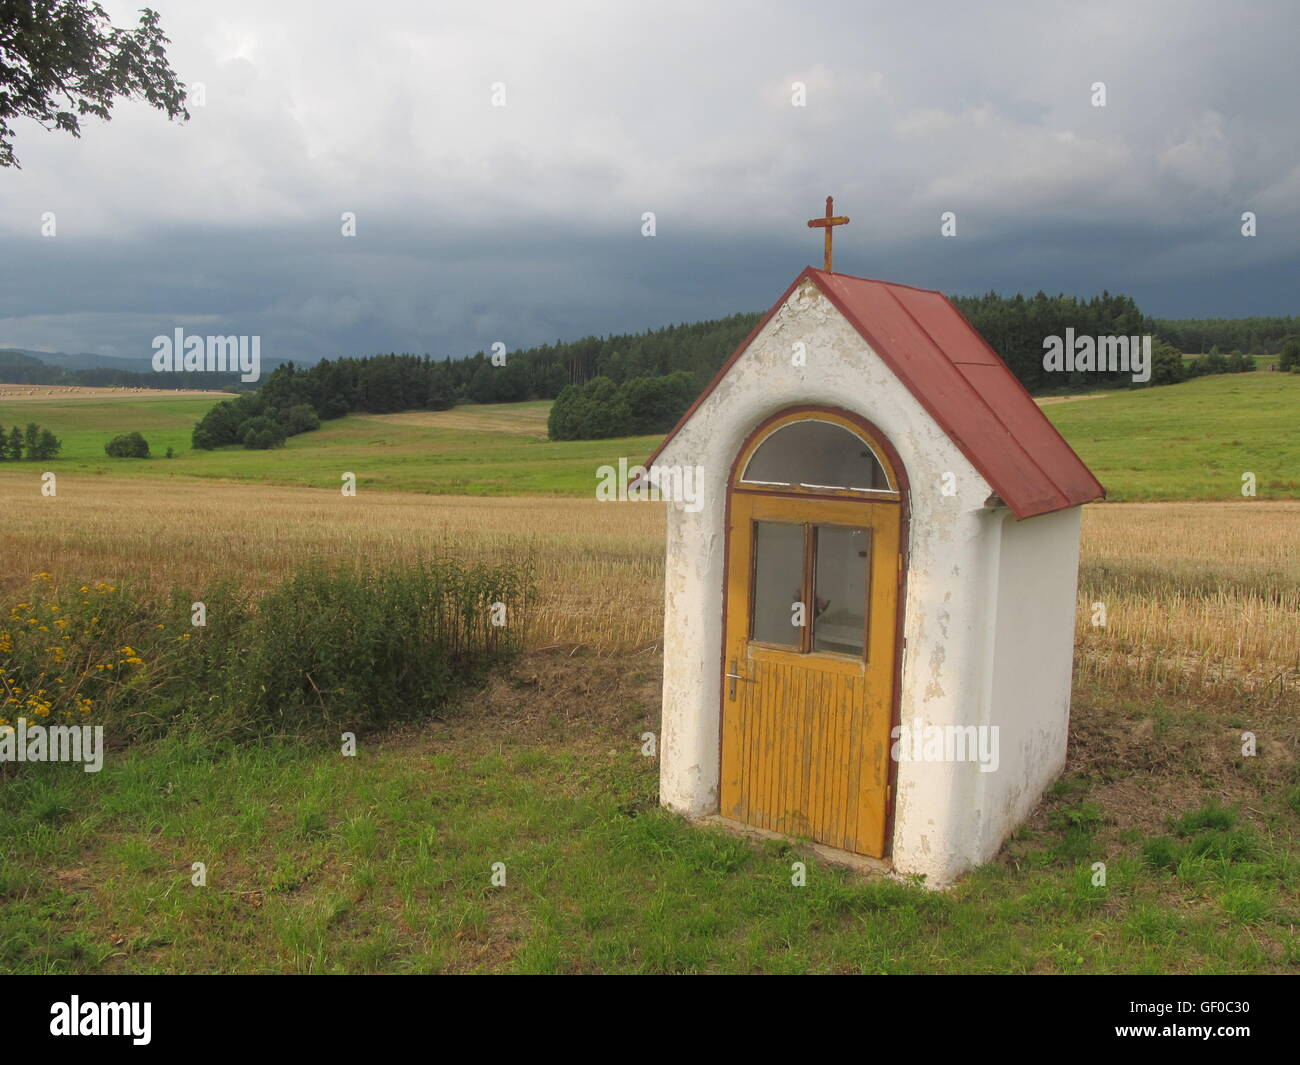 Czech Republic, field chapel near road - Stock Image